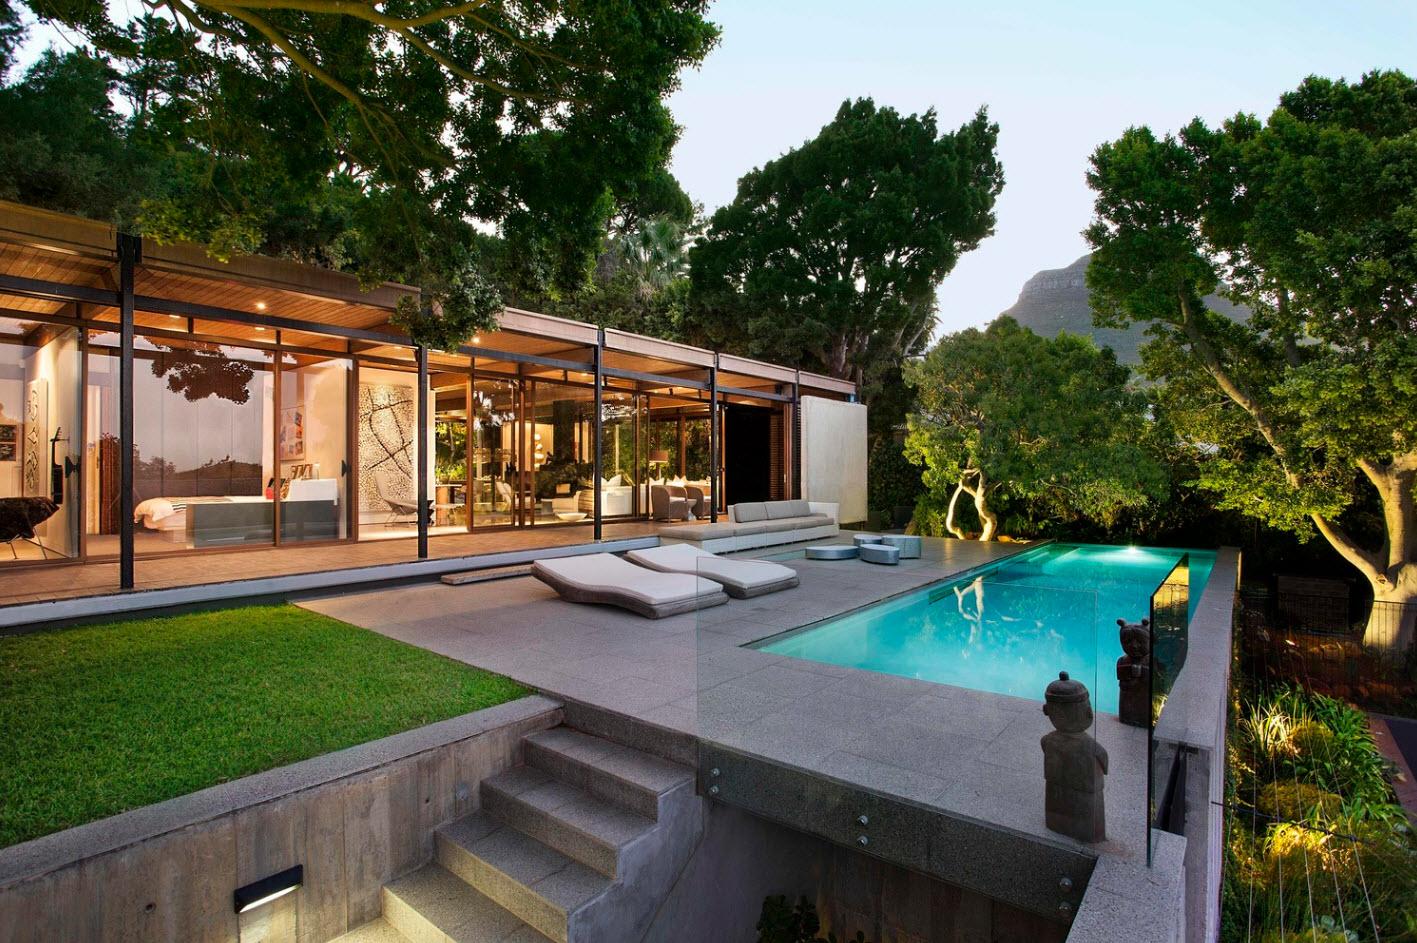 Dise o de moderna casa de monta a con impresionante vista for Diseno de piscinas para casas de campo